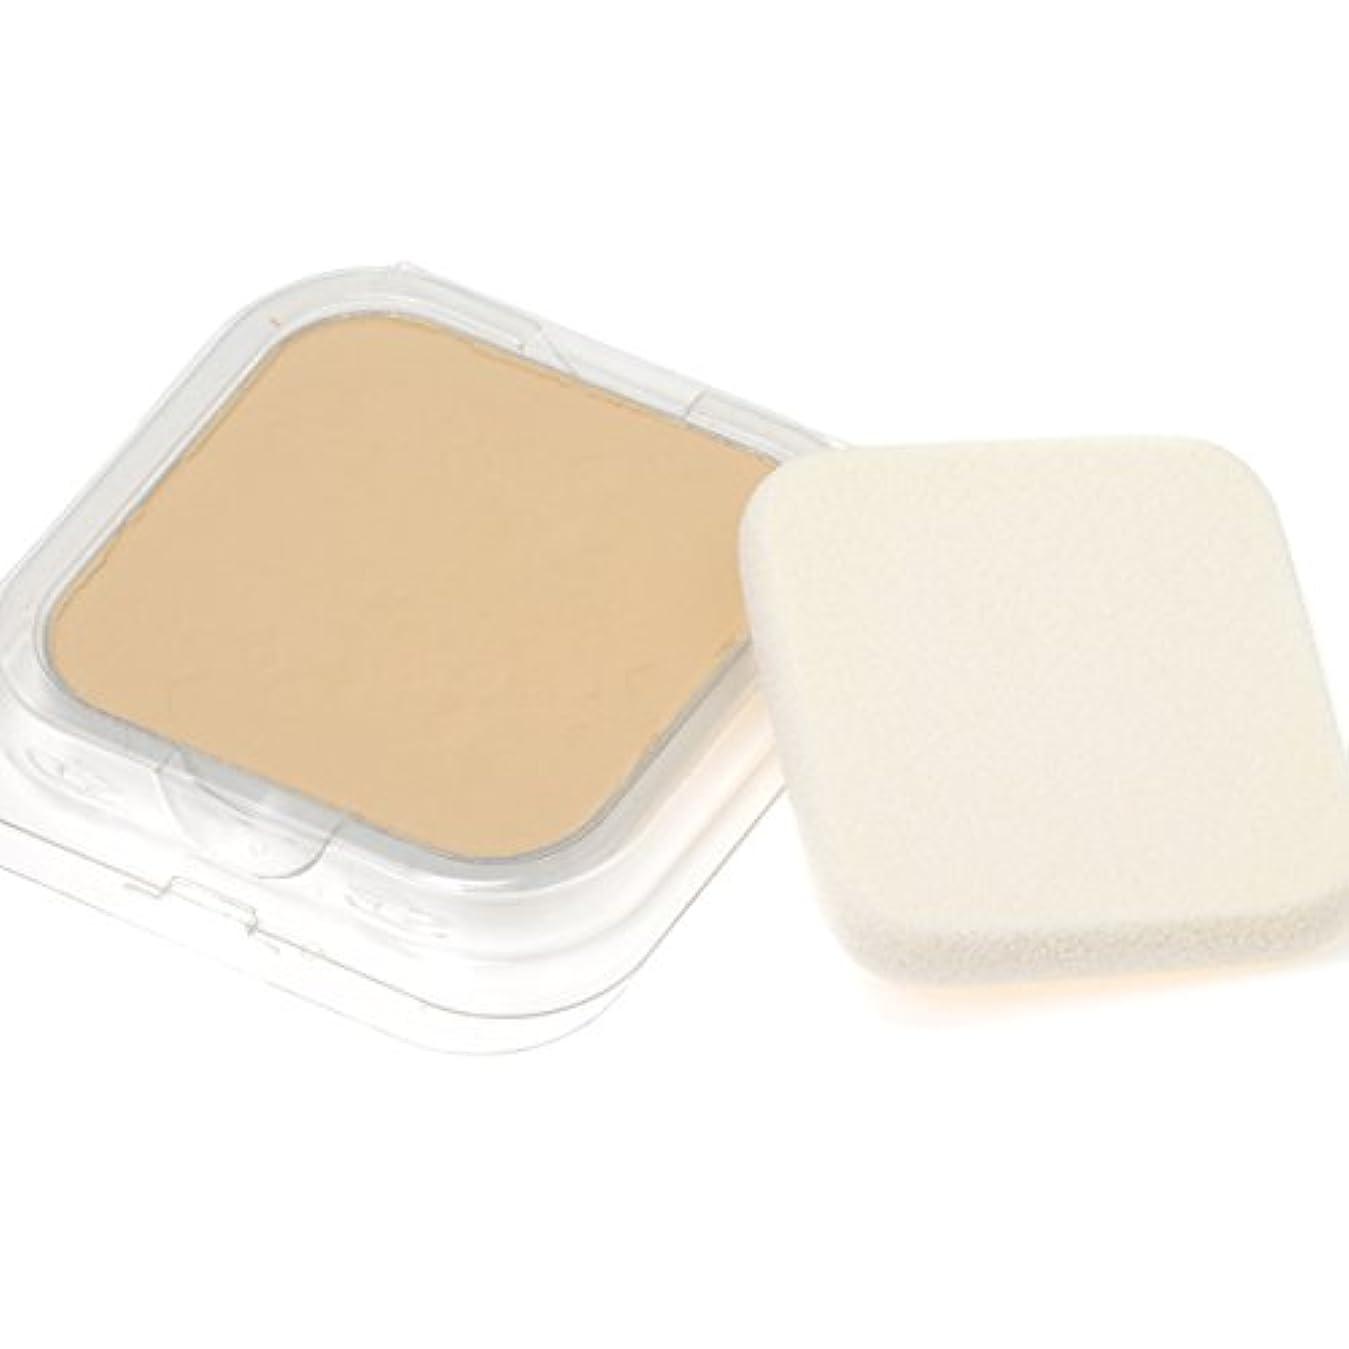 体細胞不良品クレーターキャンメイク UVシルキーフィットファンデーション リフィル02 オークル 10g